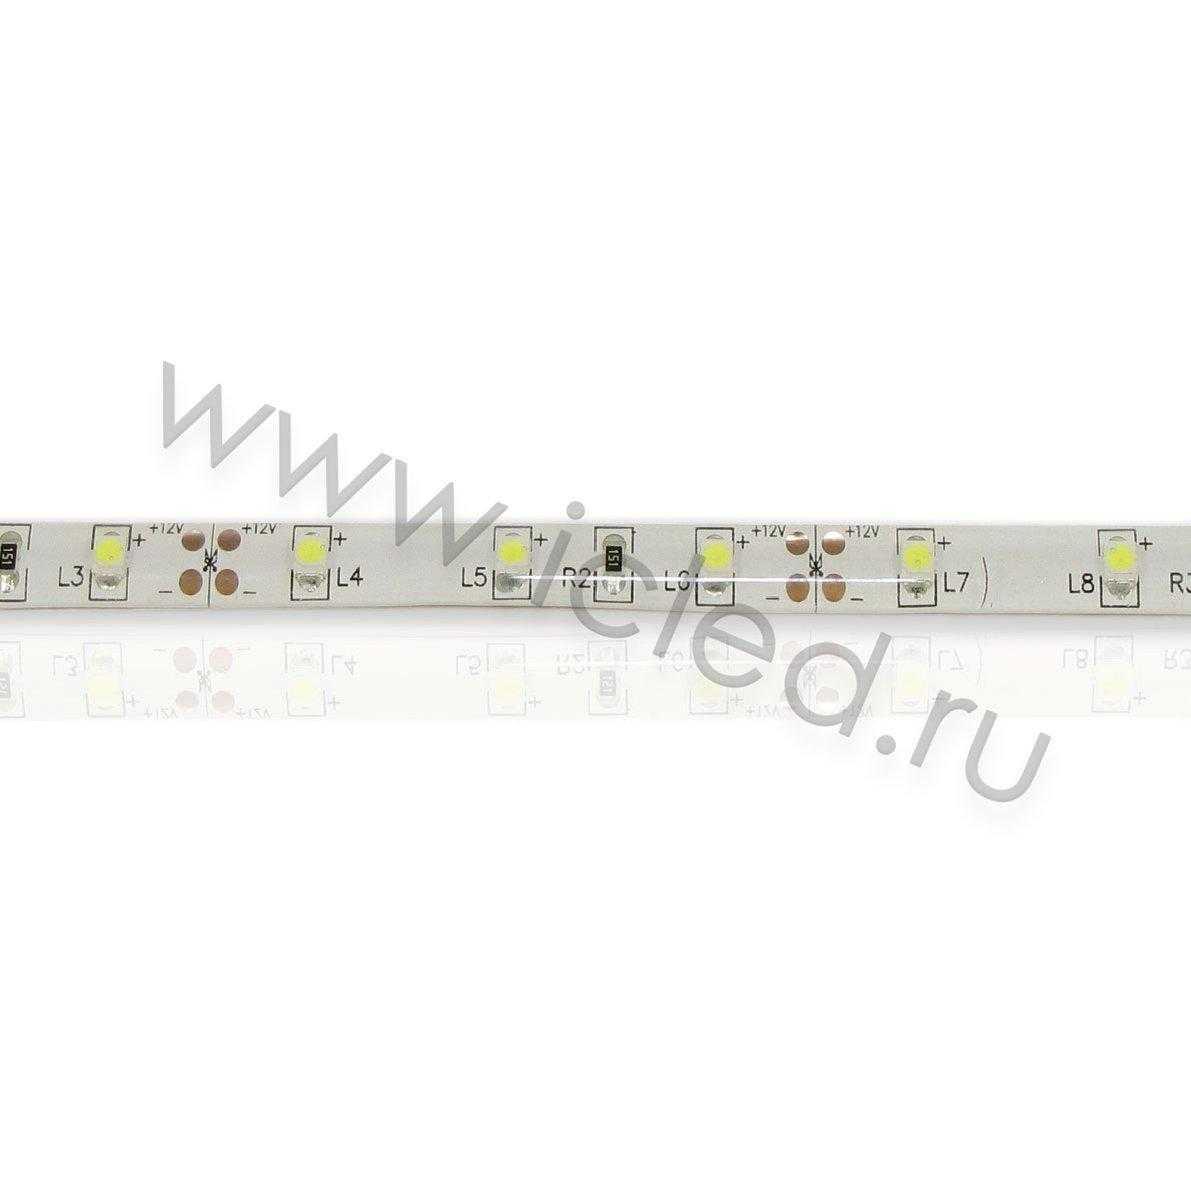 Светодиодная лента Class B, 3528, 60 led/m, White, 12V, IP65